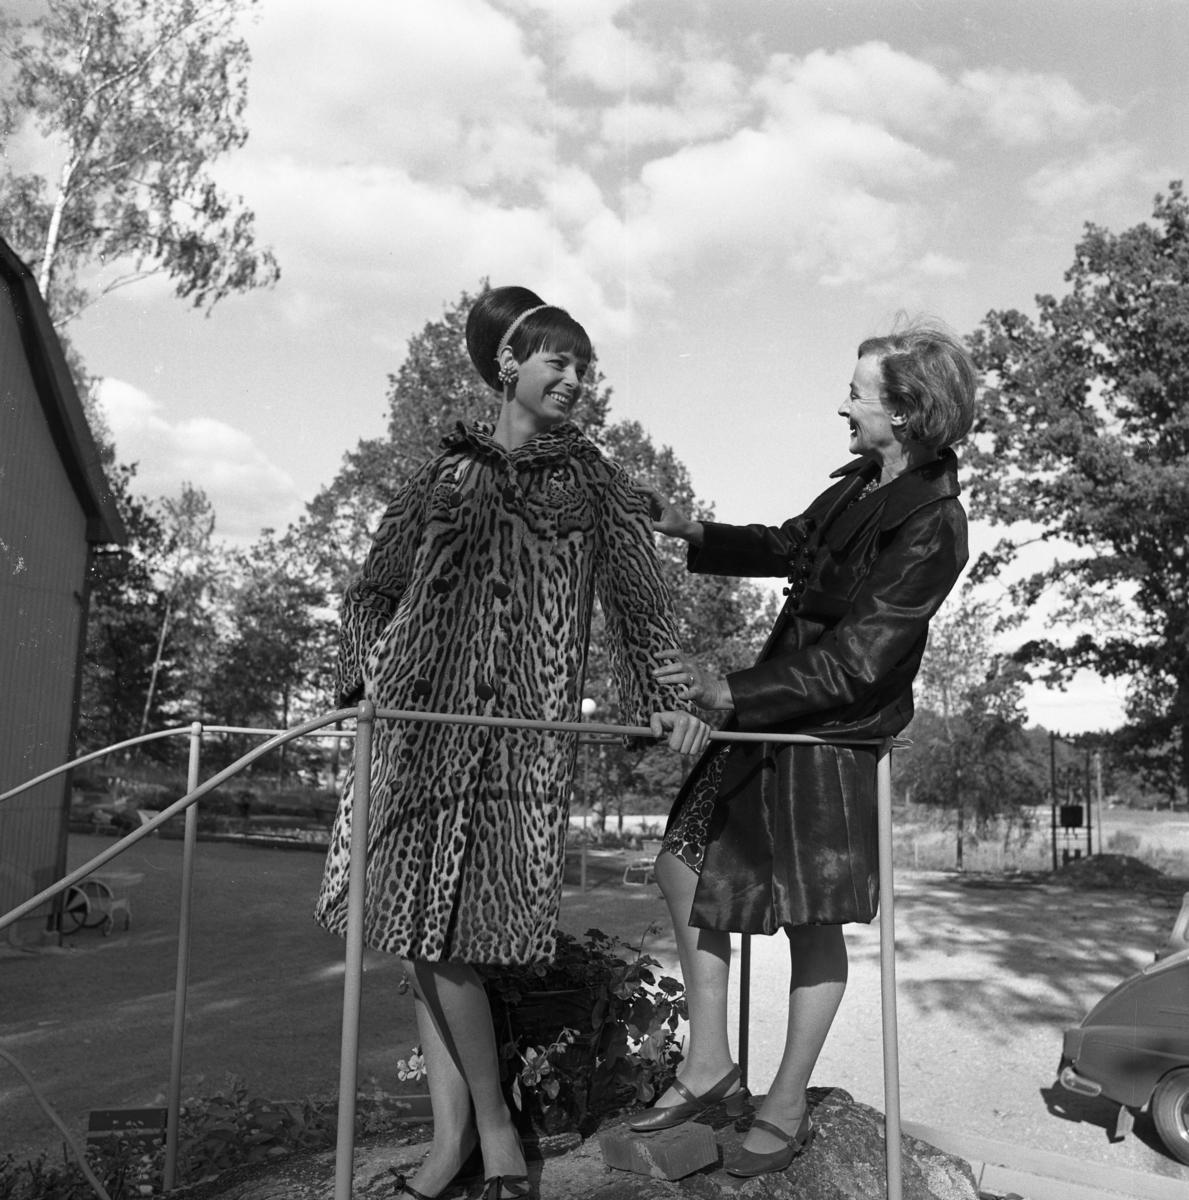 Mannekäng visar en djurmönstrad kappa. Bredvid står Britt-Marie Utterström från Ateljé Touché. Britt-Marie drev ateljen tillsammans med Marianne Rosenkvist.